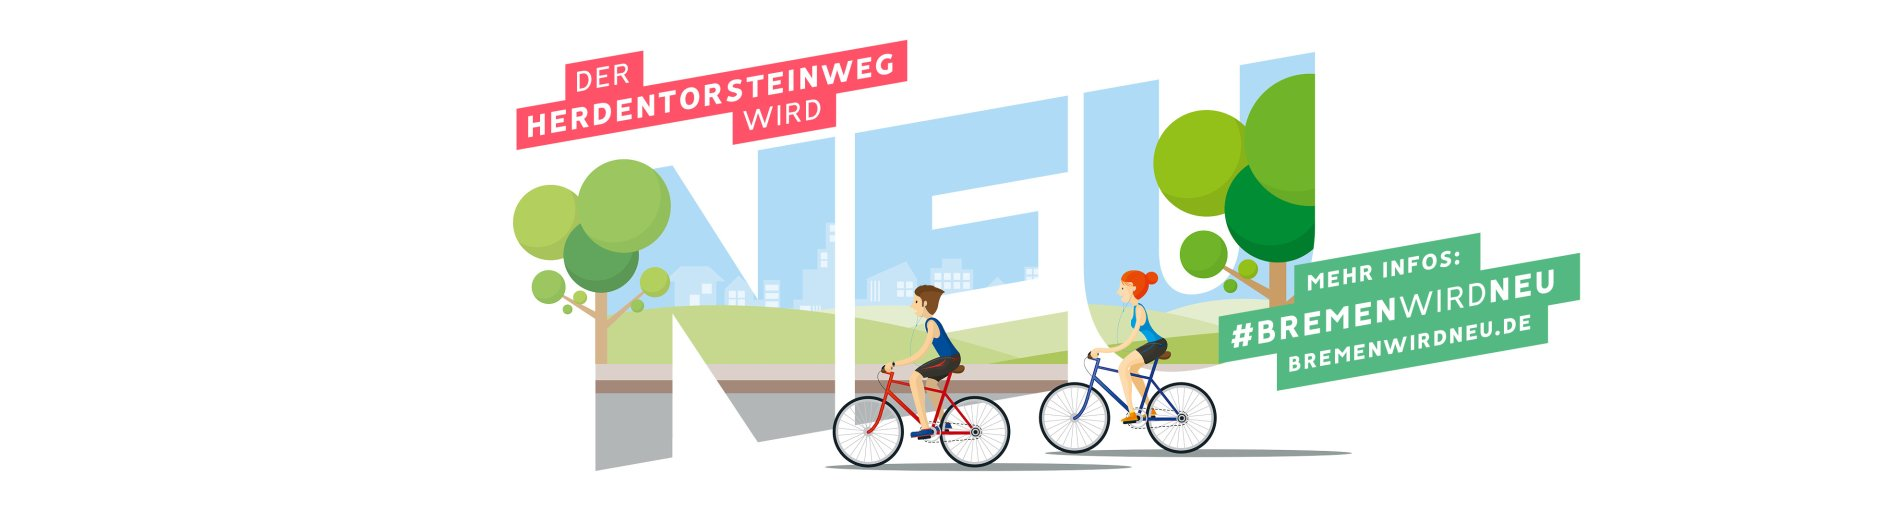 Ein Motiv auf grüner Wiese weist auf die Kampagne Bremen wird neu hin